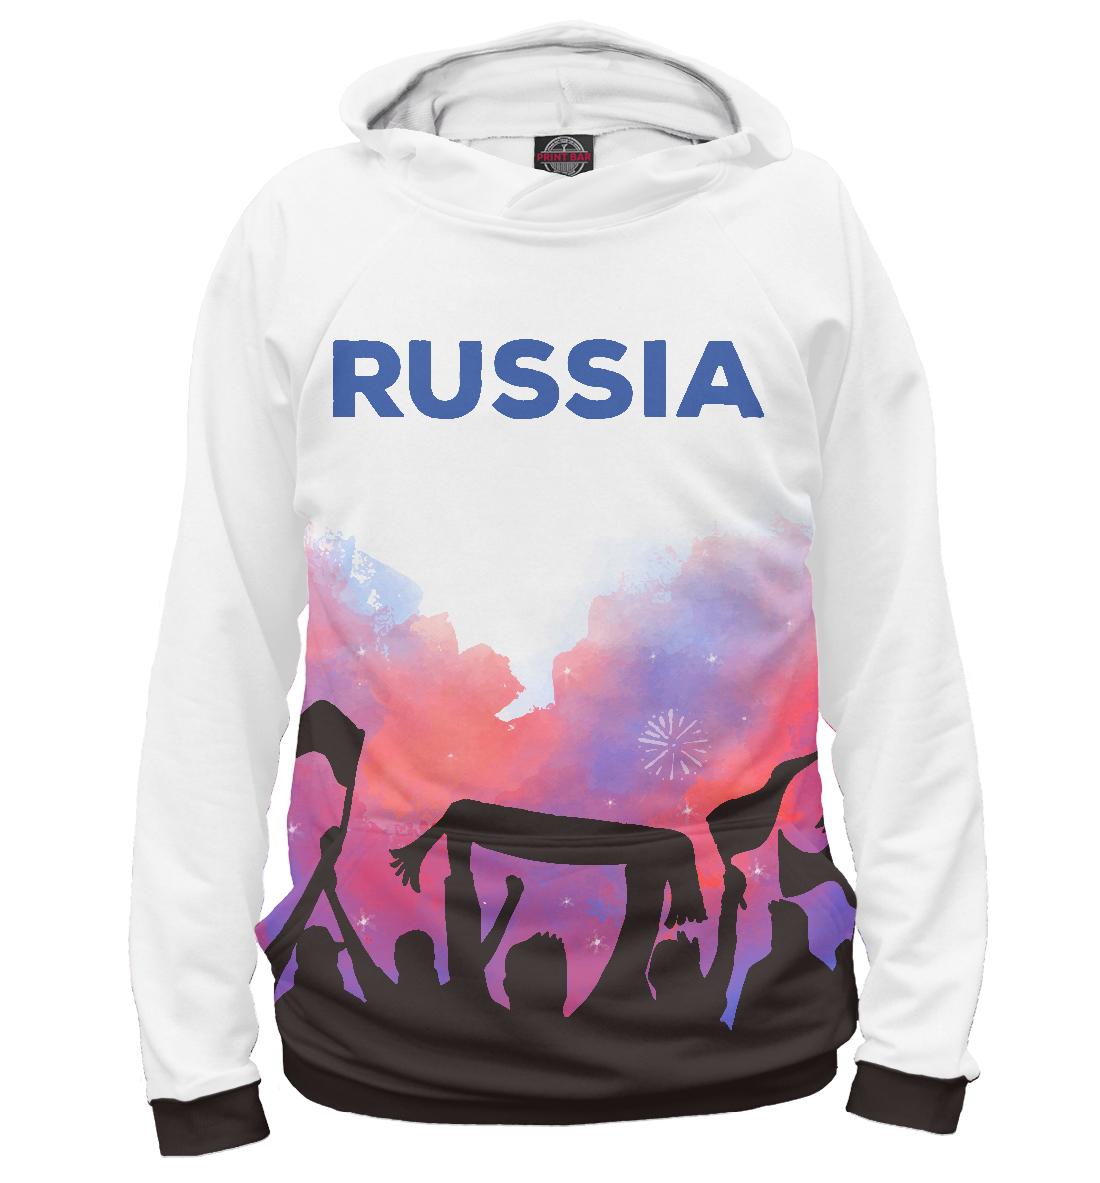 Купить Футбол Россия, Printbar, Худи, FTO-806227-hud-1